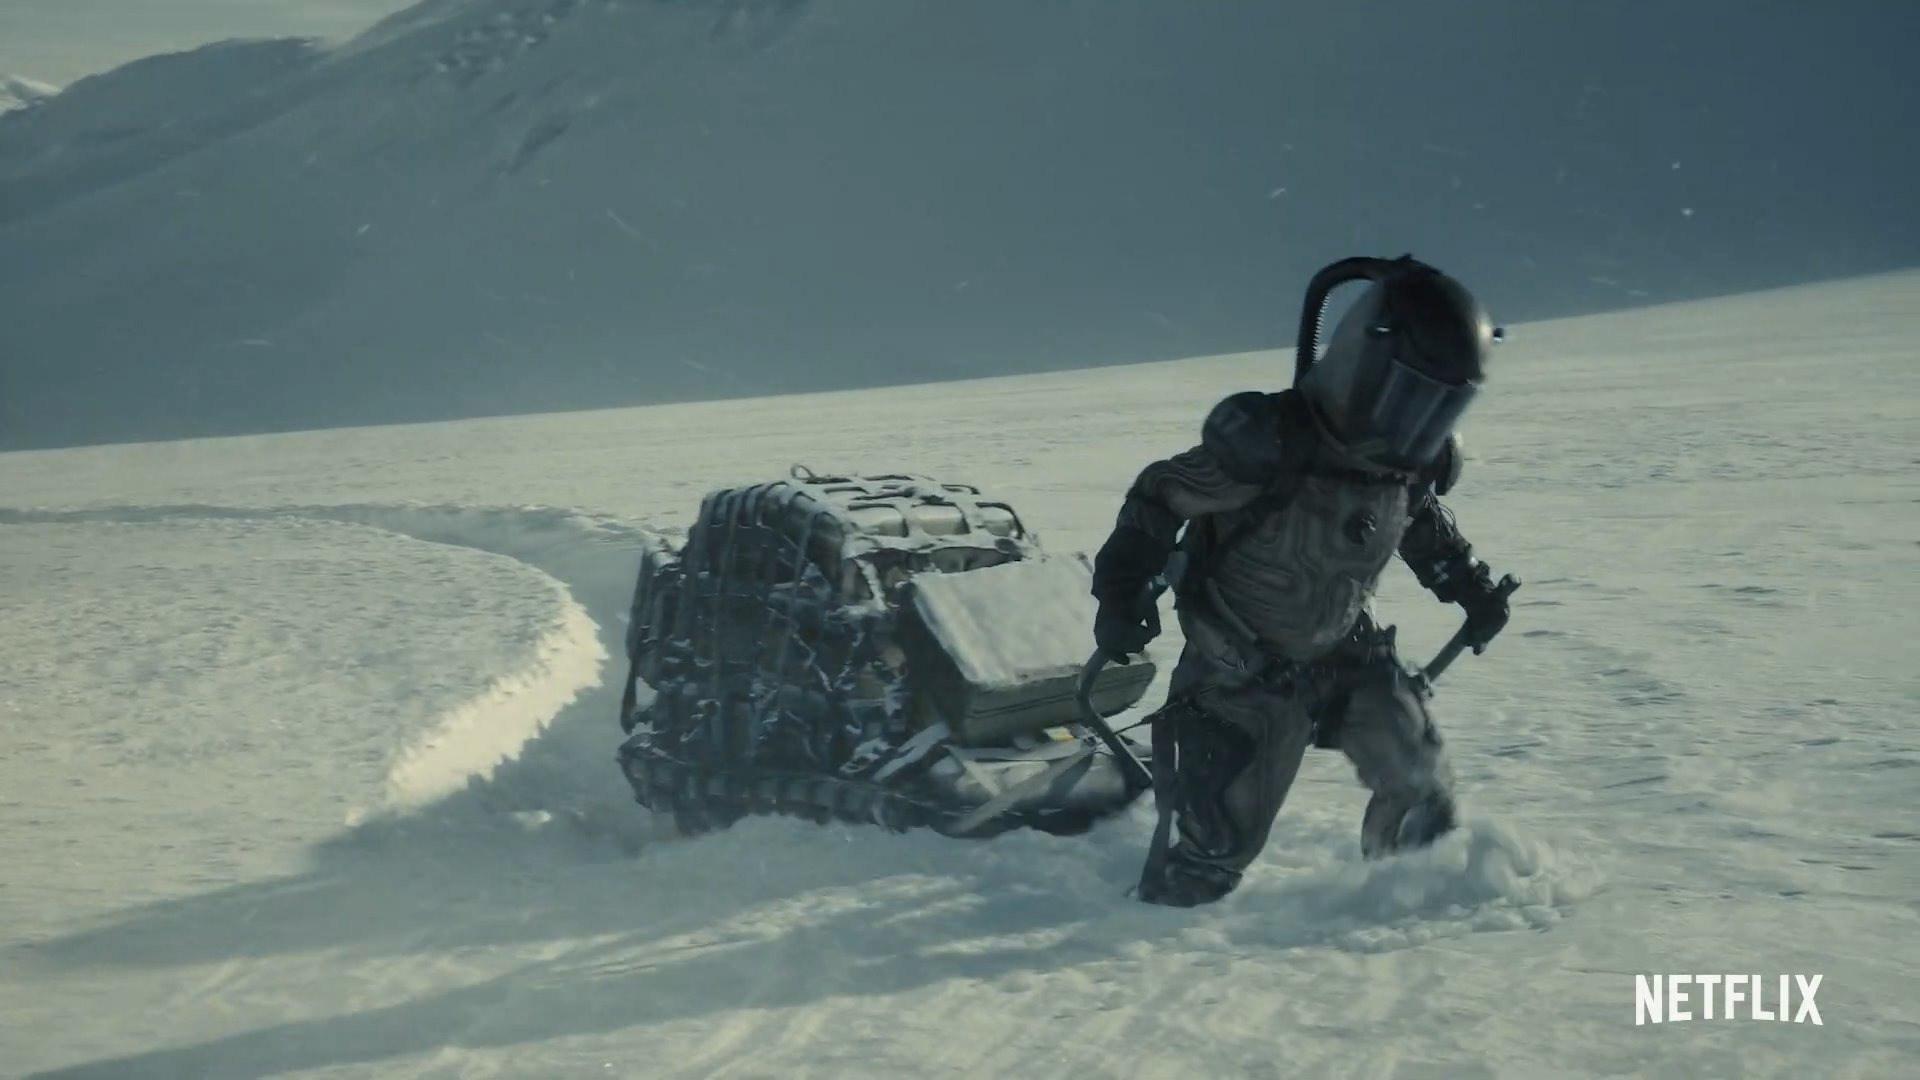 Trailer, Netflix, Serie, Science Fiction, Action, Snowpiercer, TNT